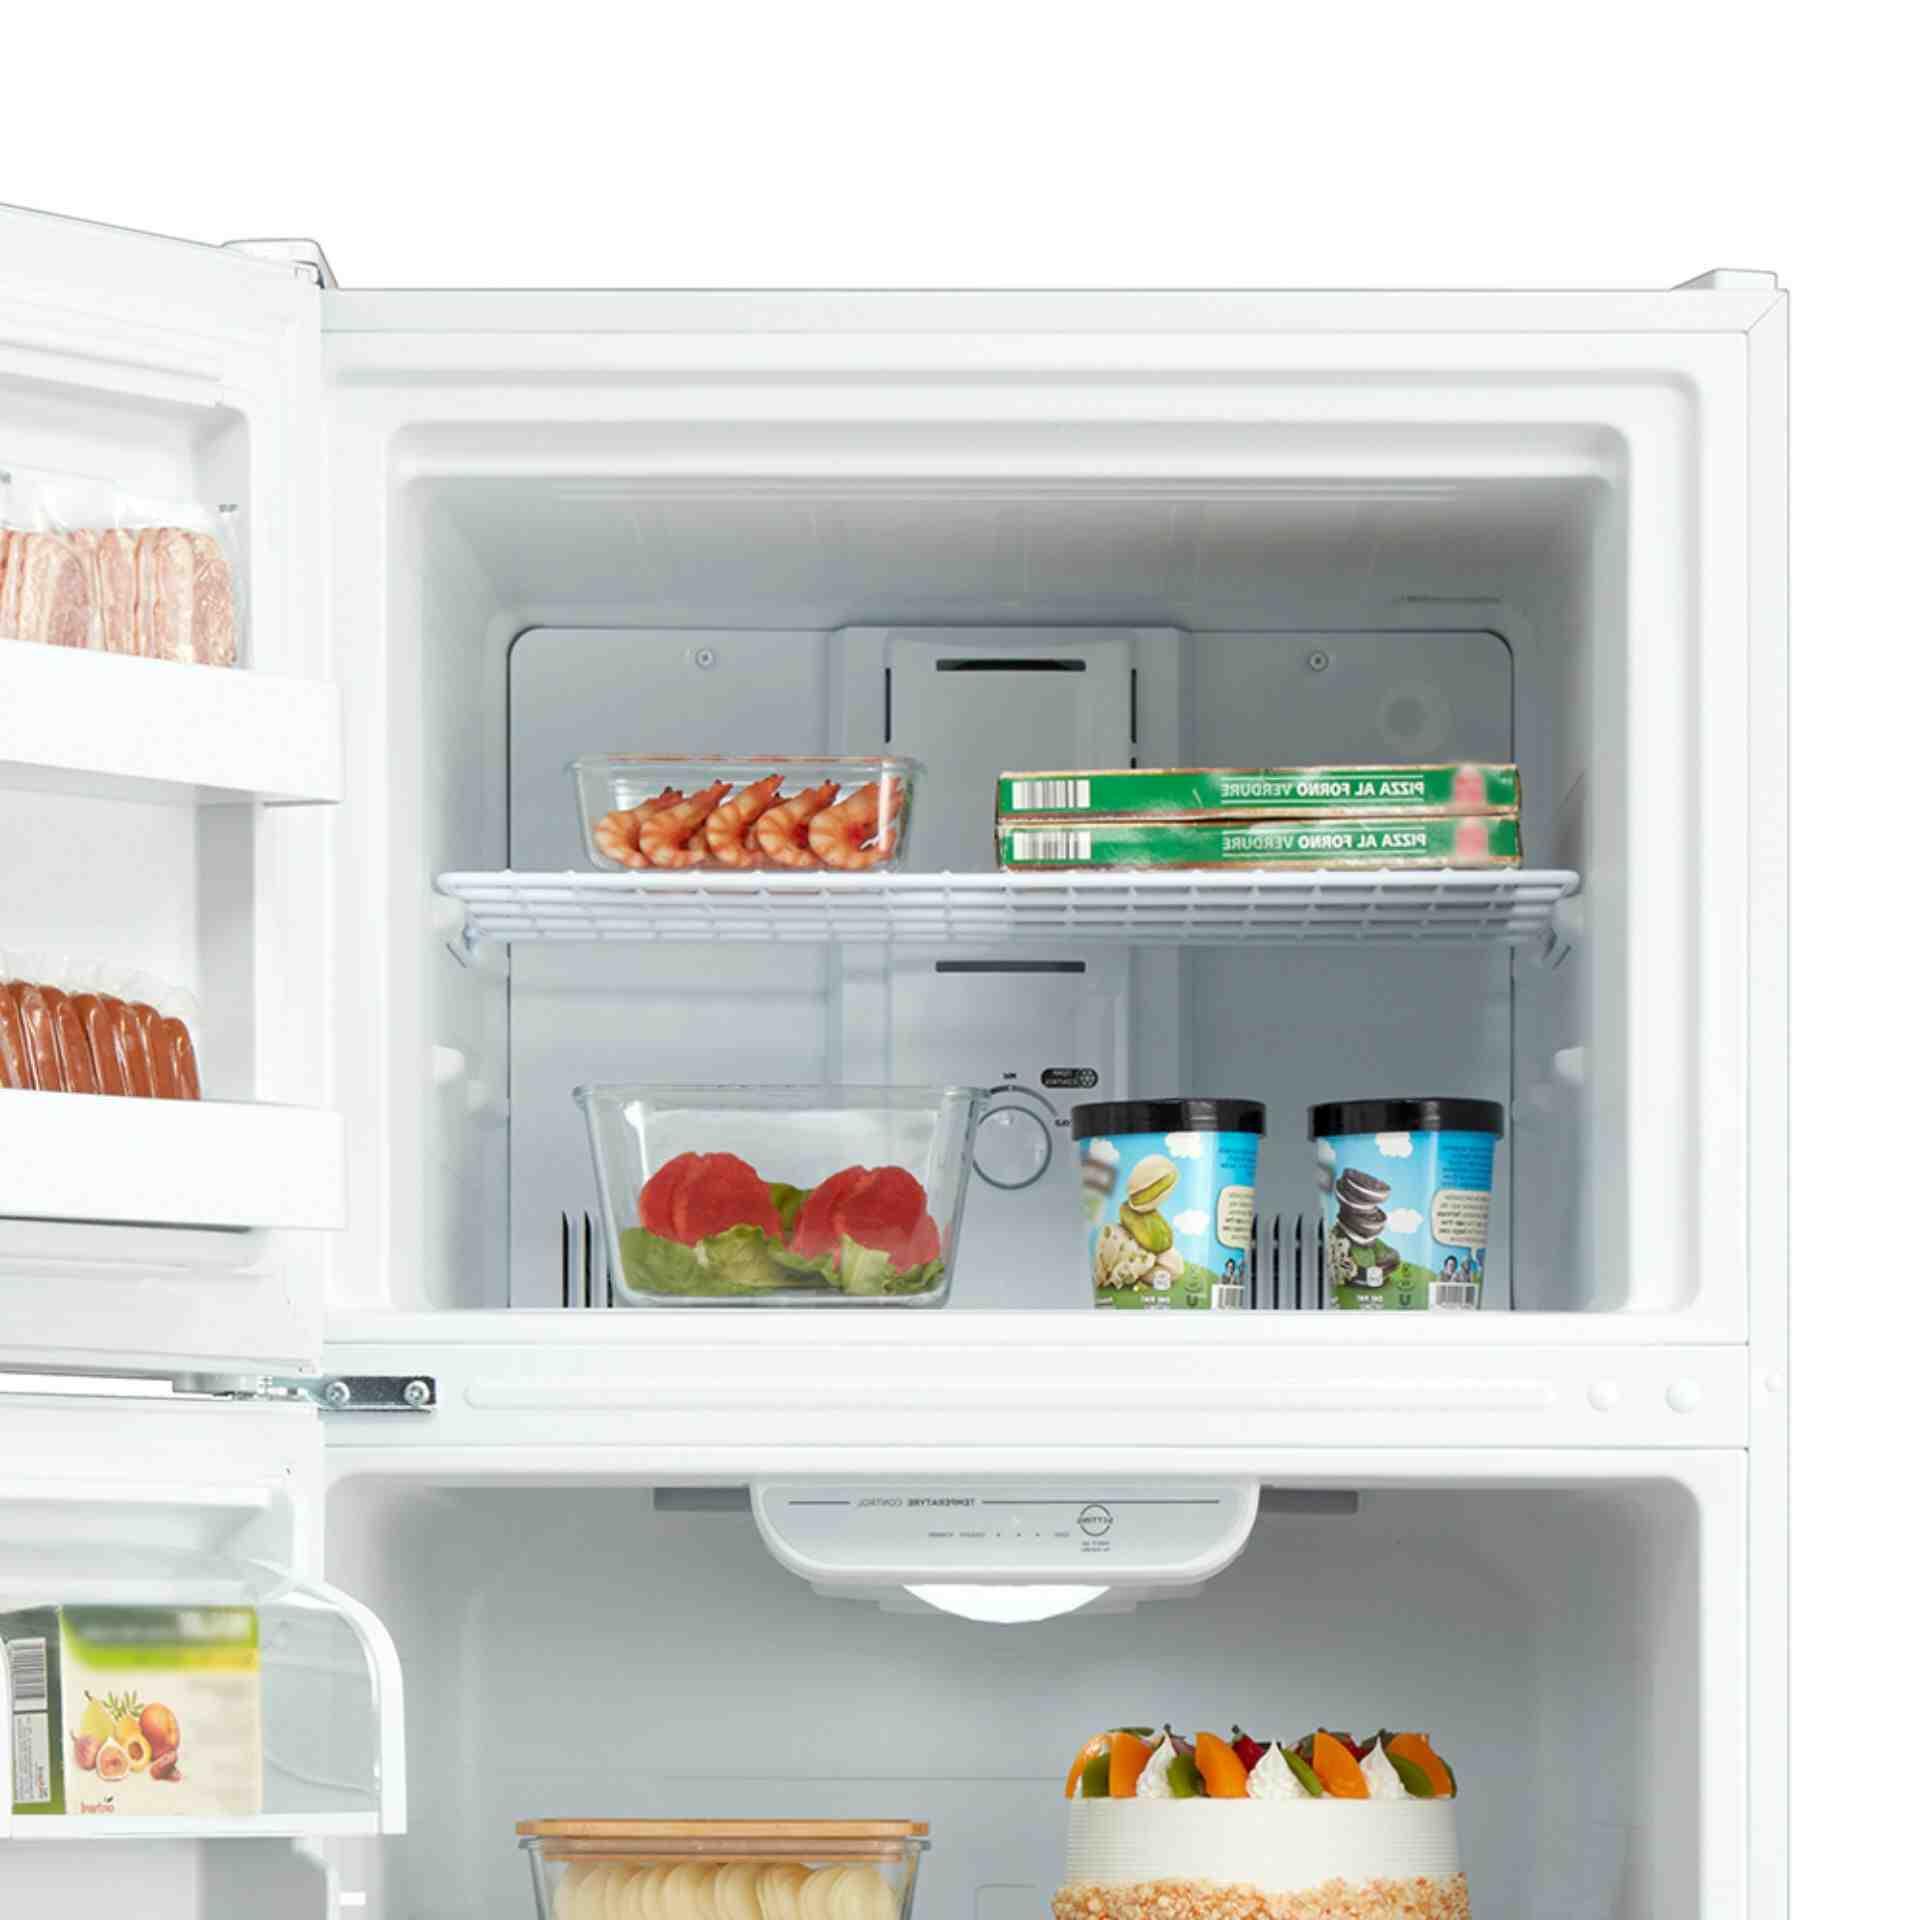 Comment régler un frigo de 1 à 7 ?